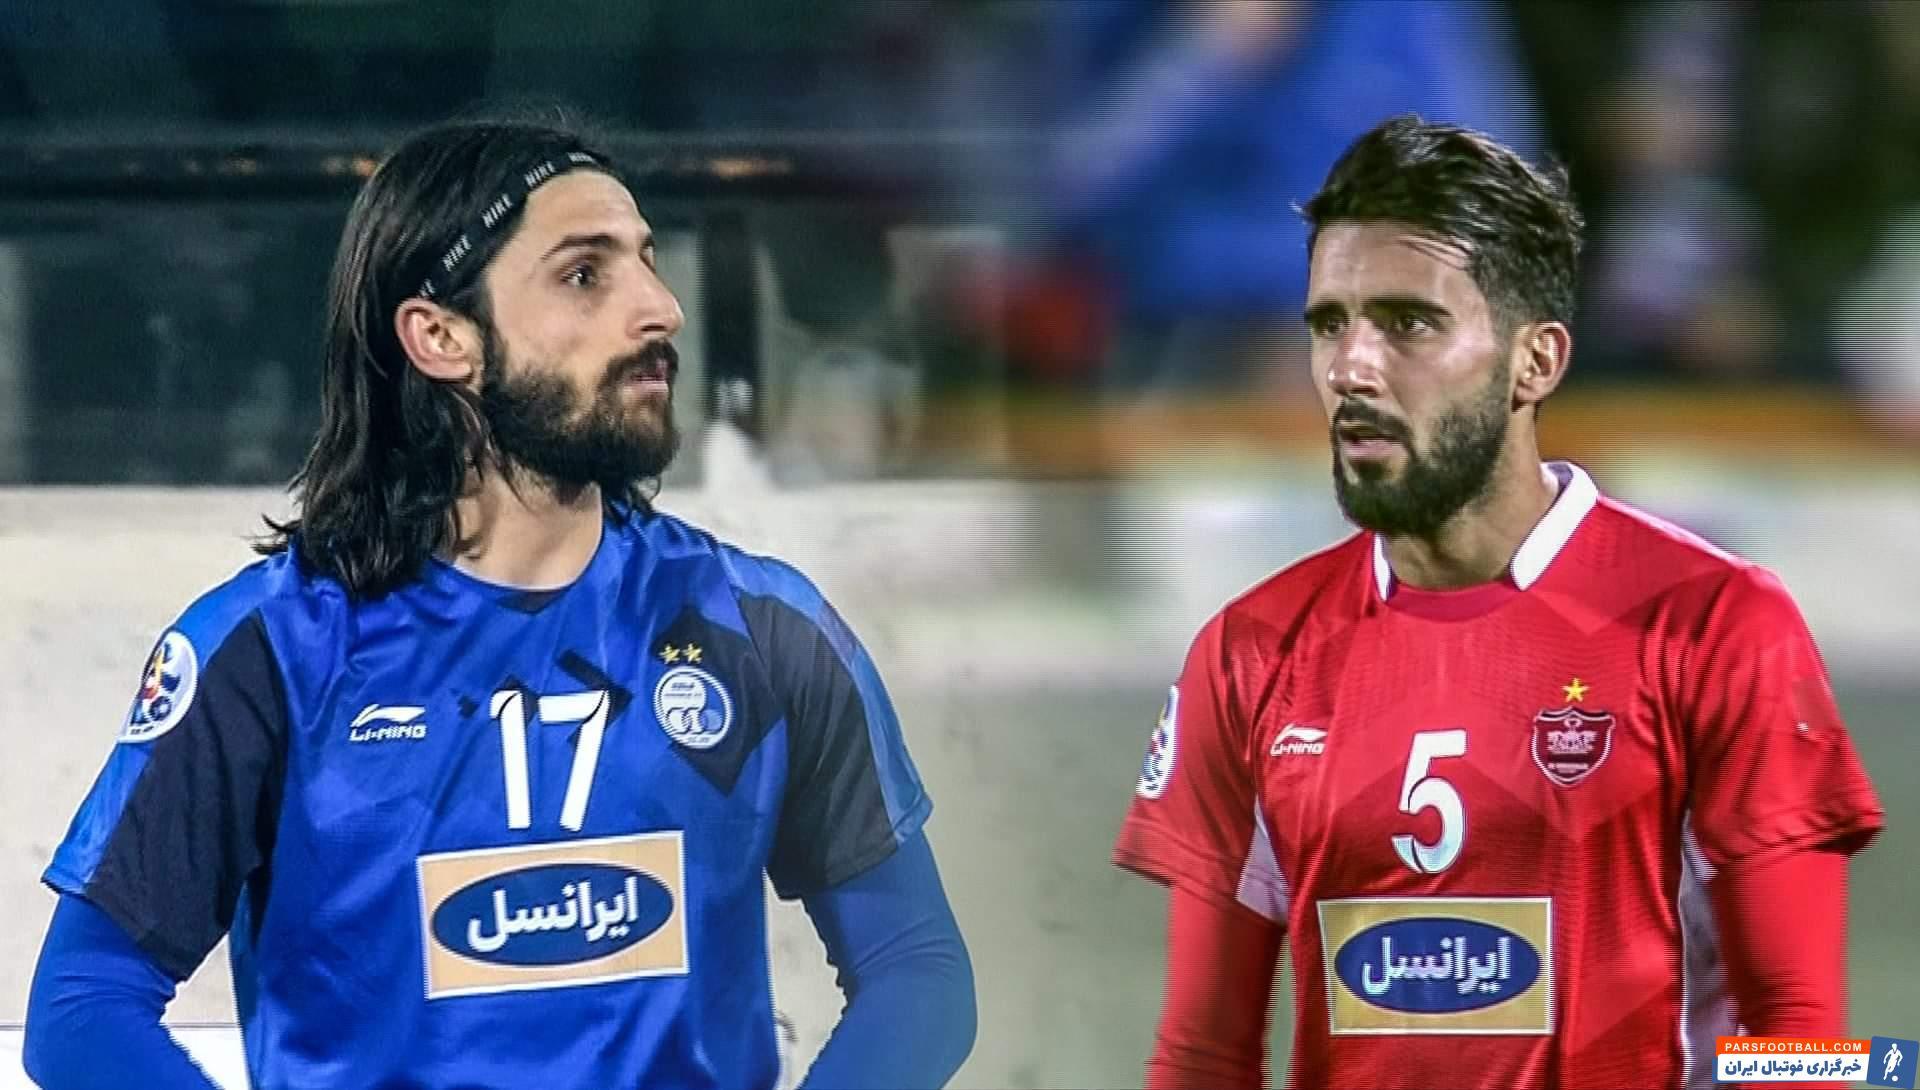 ترکیب تیم ملی عراق برای دیدار با ایران اعلام شد که نام بشار رسن و همام طارق ، بازیکنان پیشین استقلال و پرسپولیس هم در این فهرست به چشم می خورد.